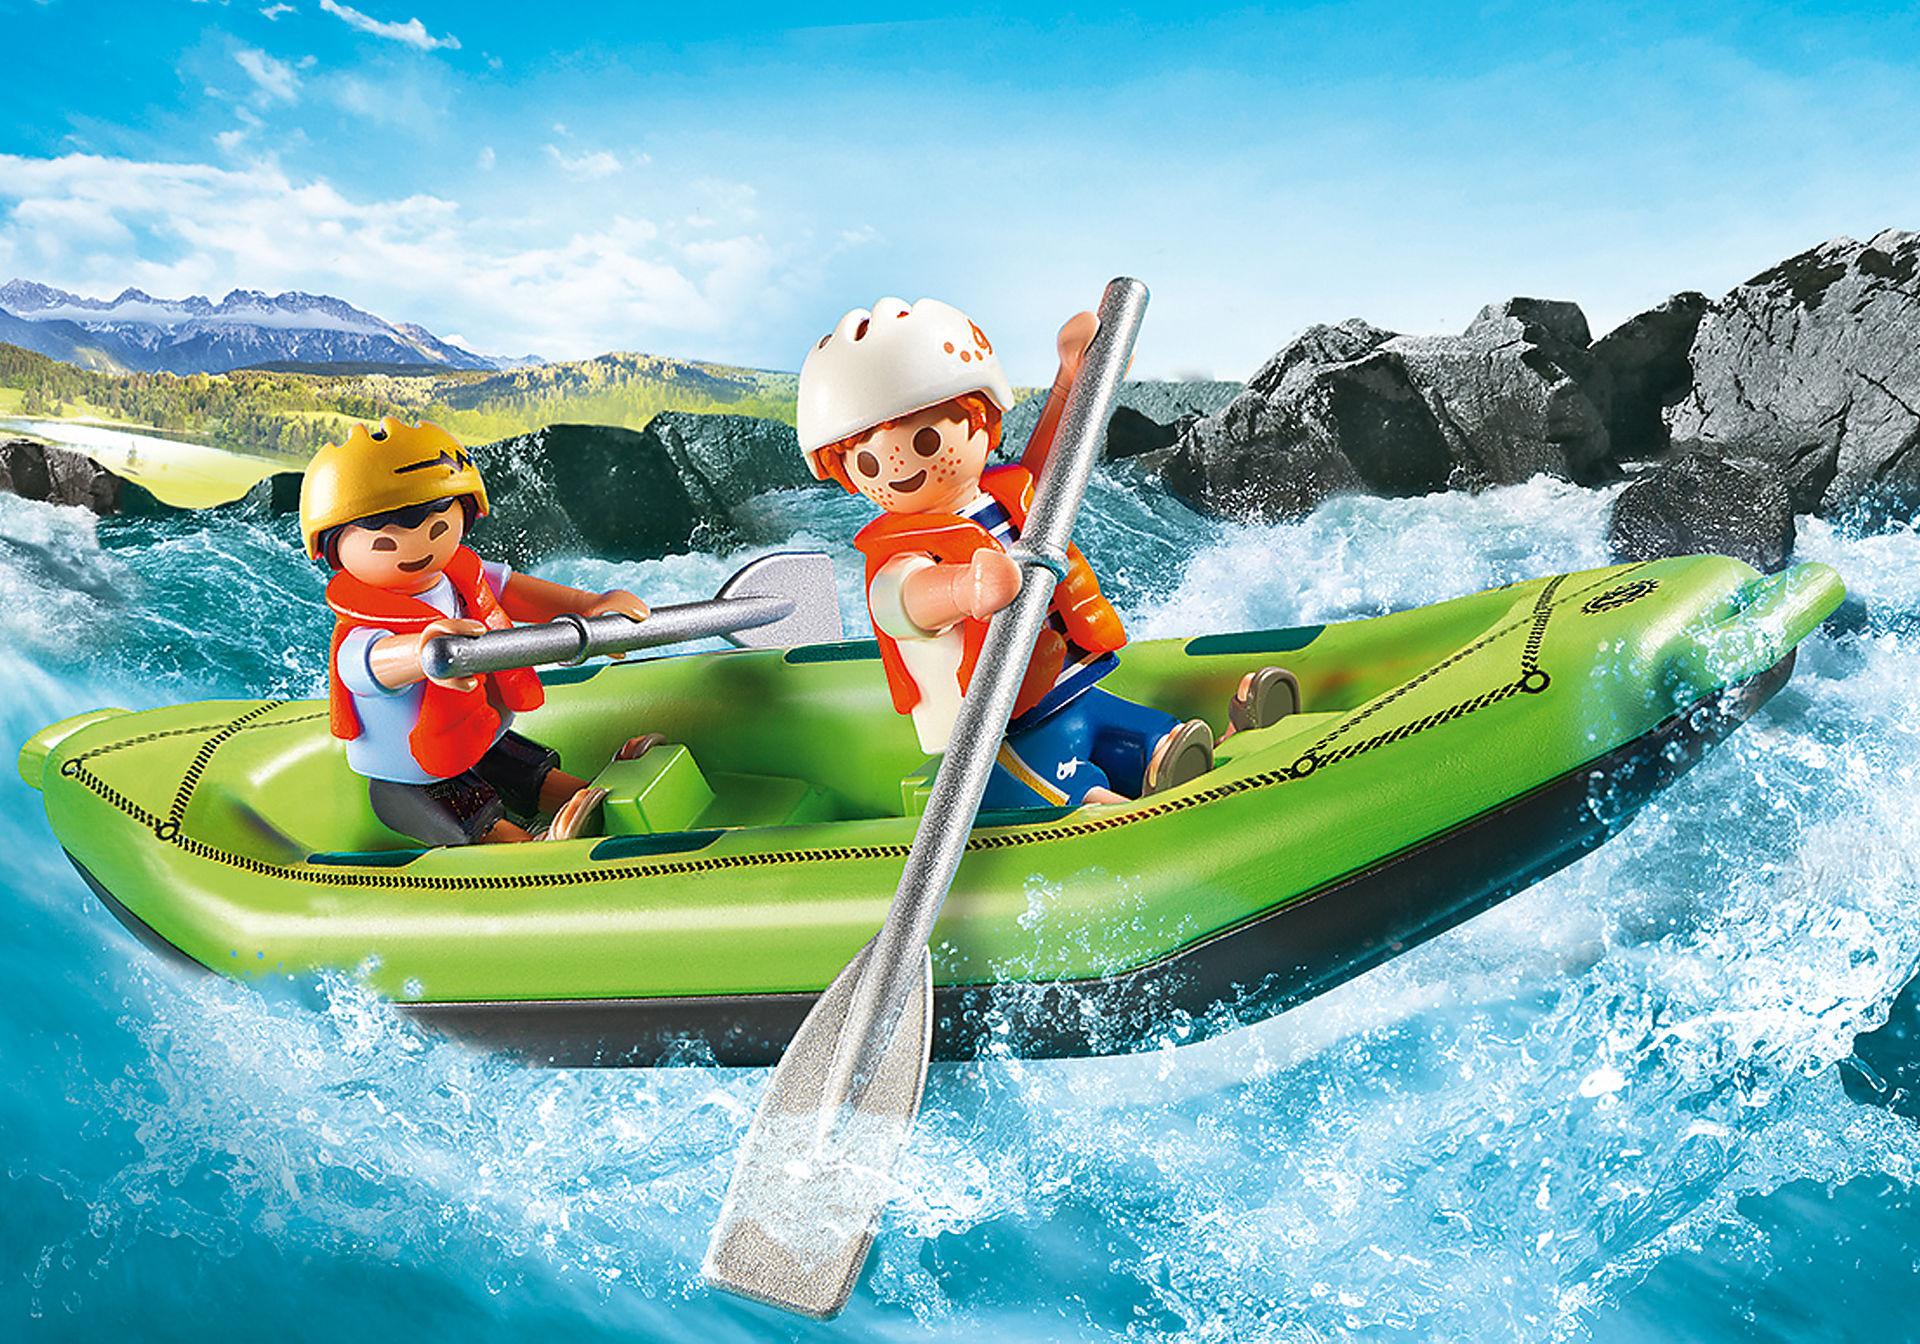 6892 Niños en Balsa Rafting zoom image1